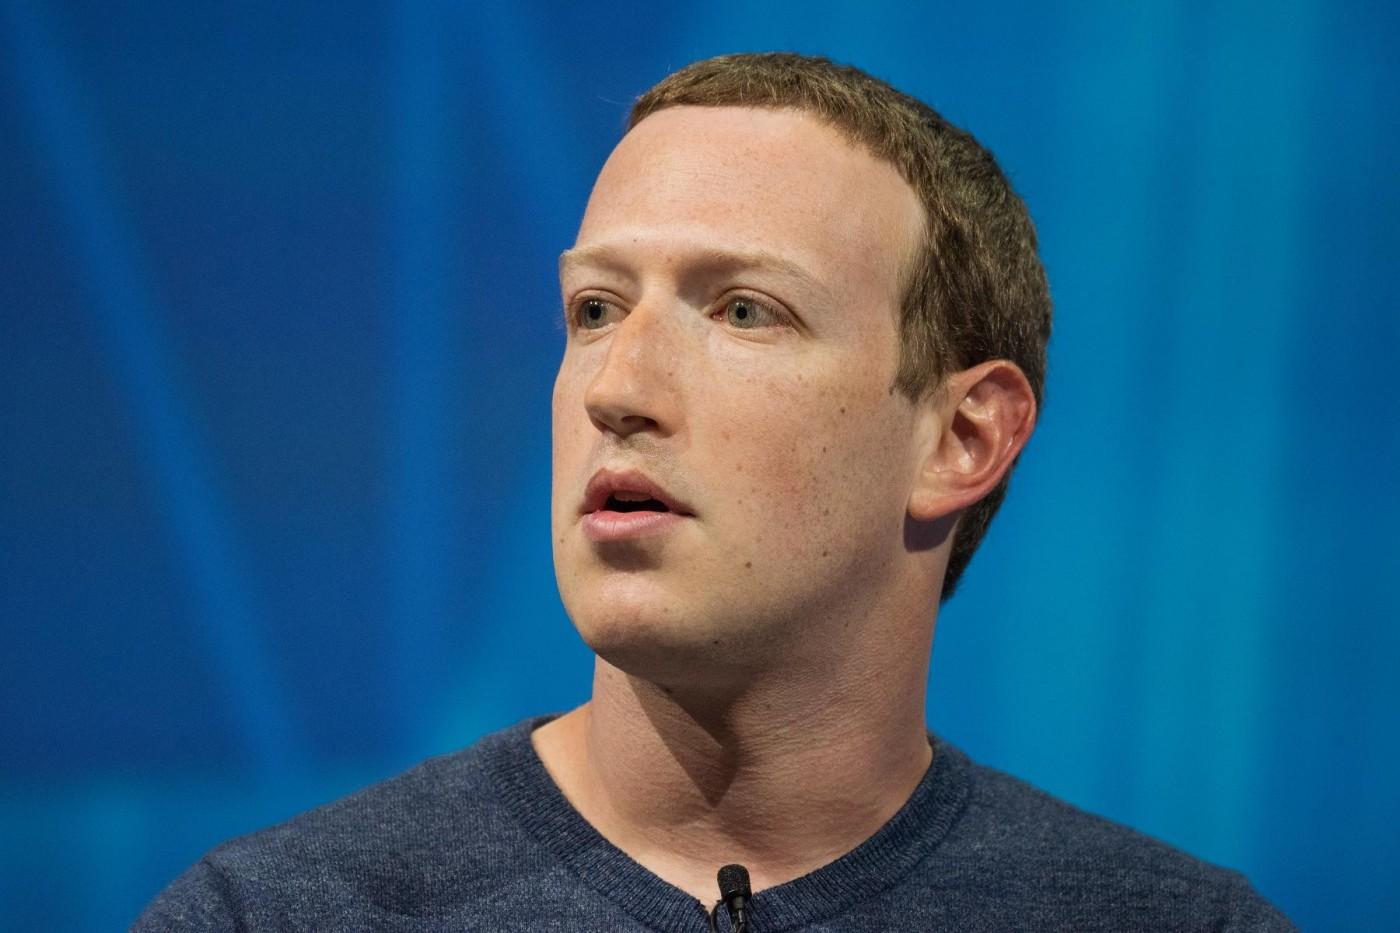 市值蒸發1.6兆!Facebook遭P&G、聯合利華等160家企業圍剿,衝擊究竟有多大?